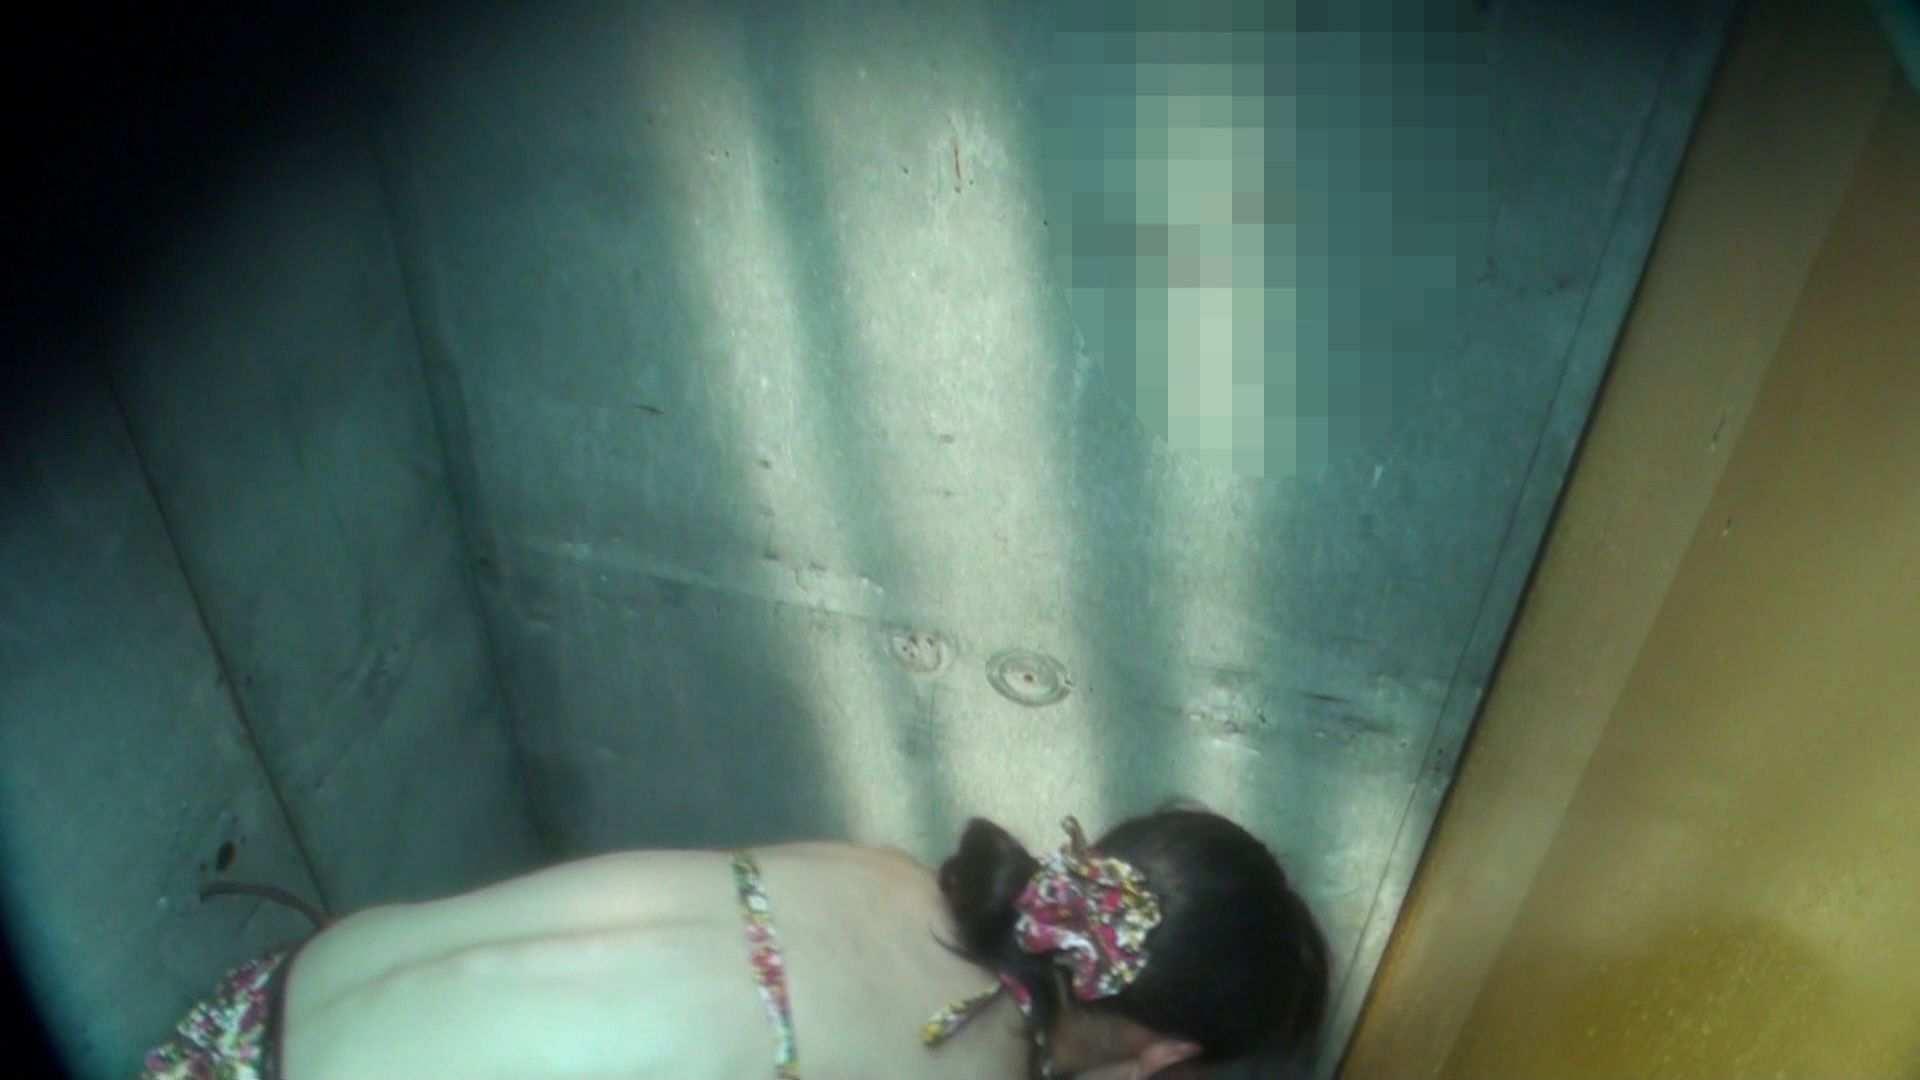 シャワールームは超!!危険な香りVol.16 意外に乳首は年増のそれ 高画質 えろ無修正画像 97pic 9